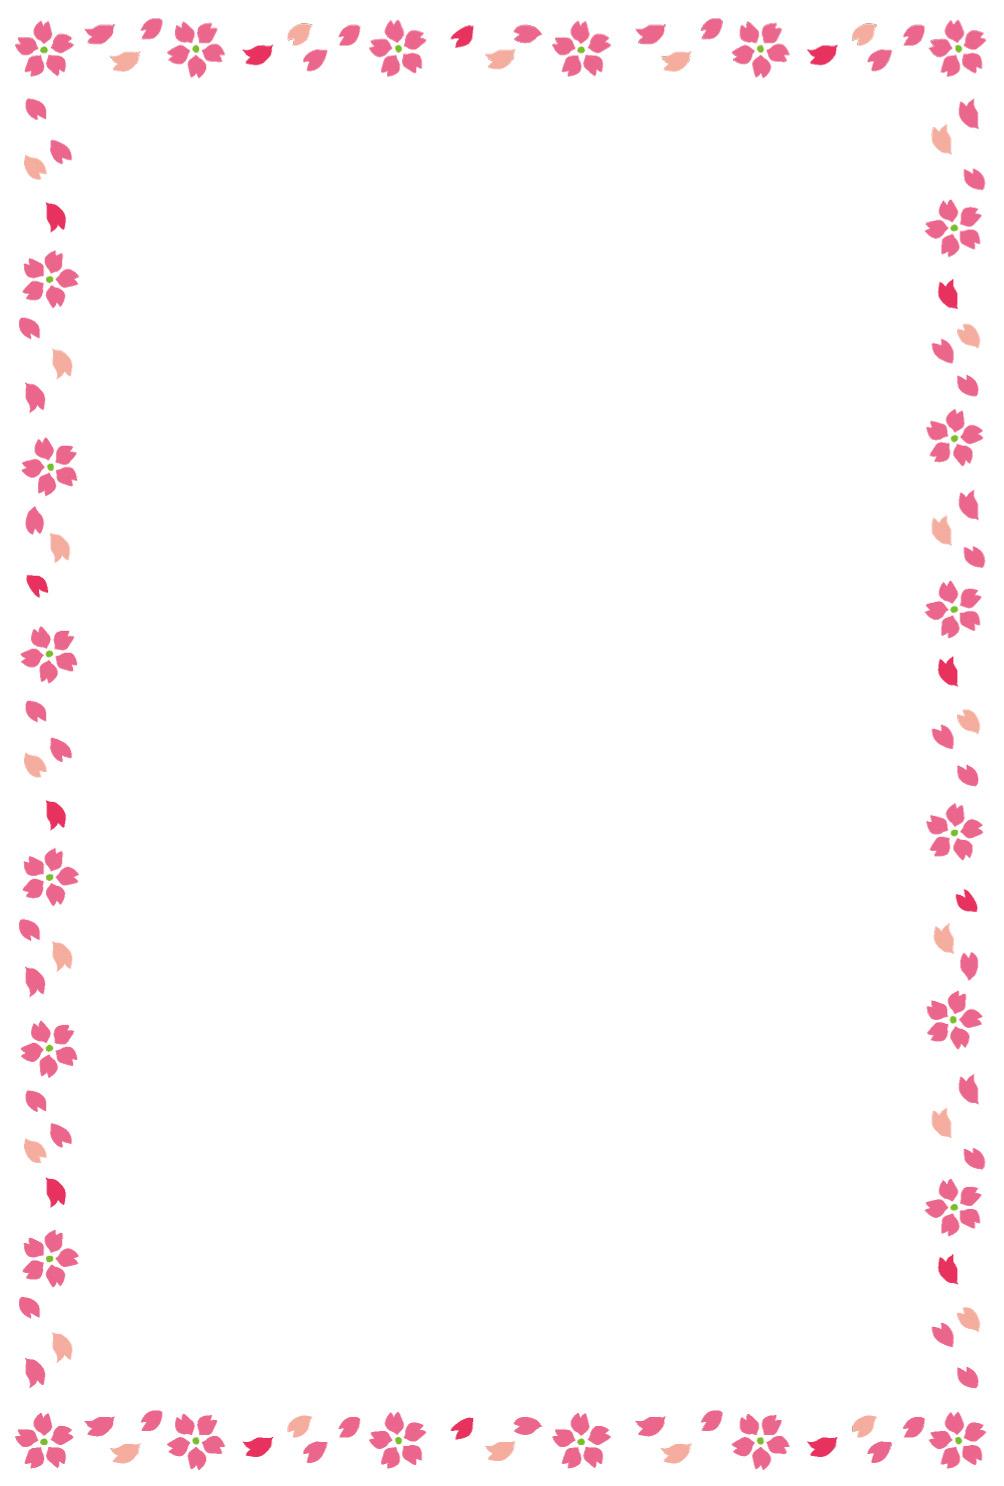 桜のイラストフレーム(枠) | かわいいフリー素材集 いらすとや